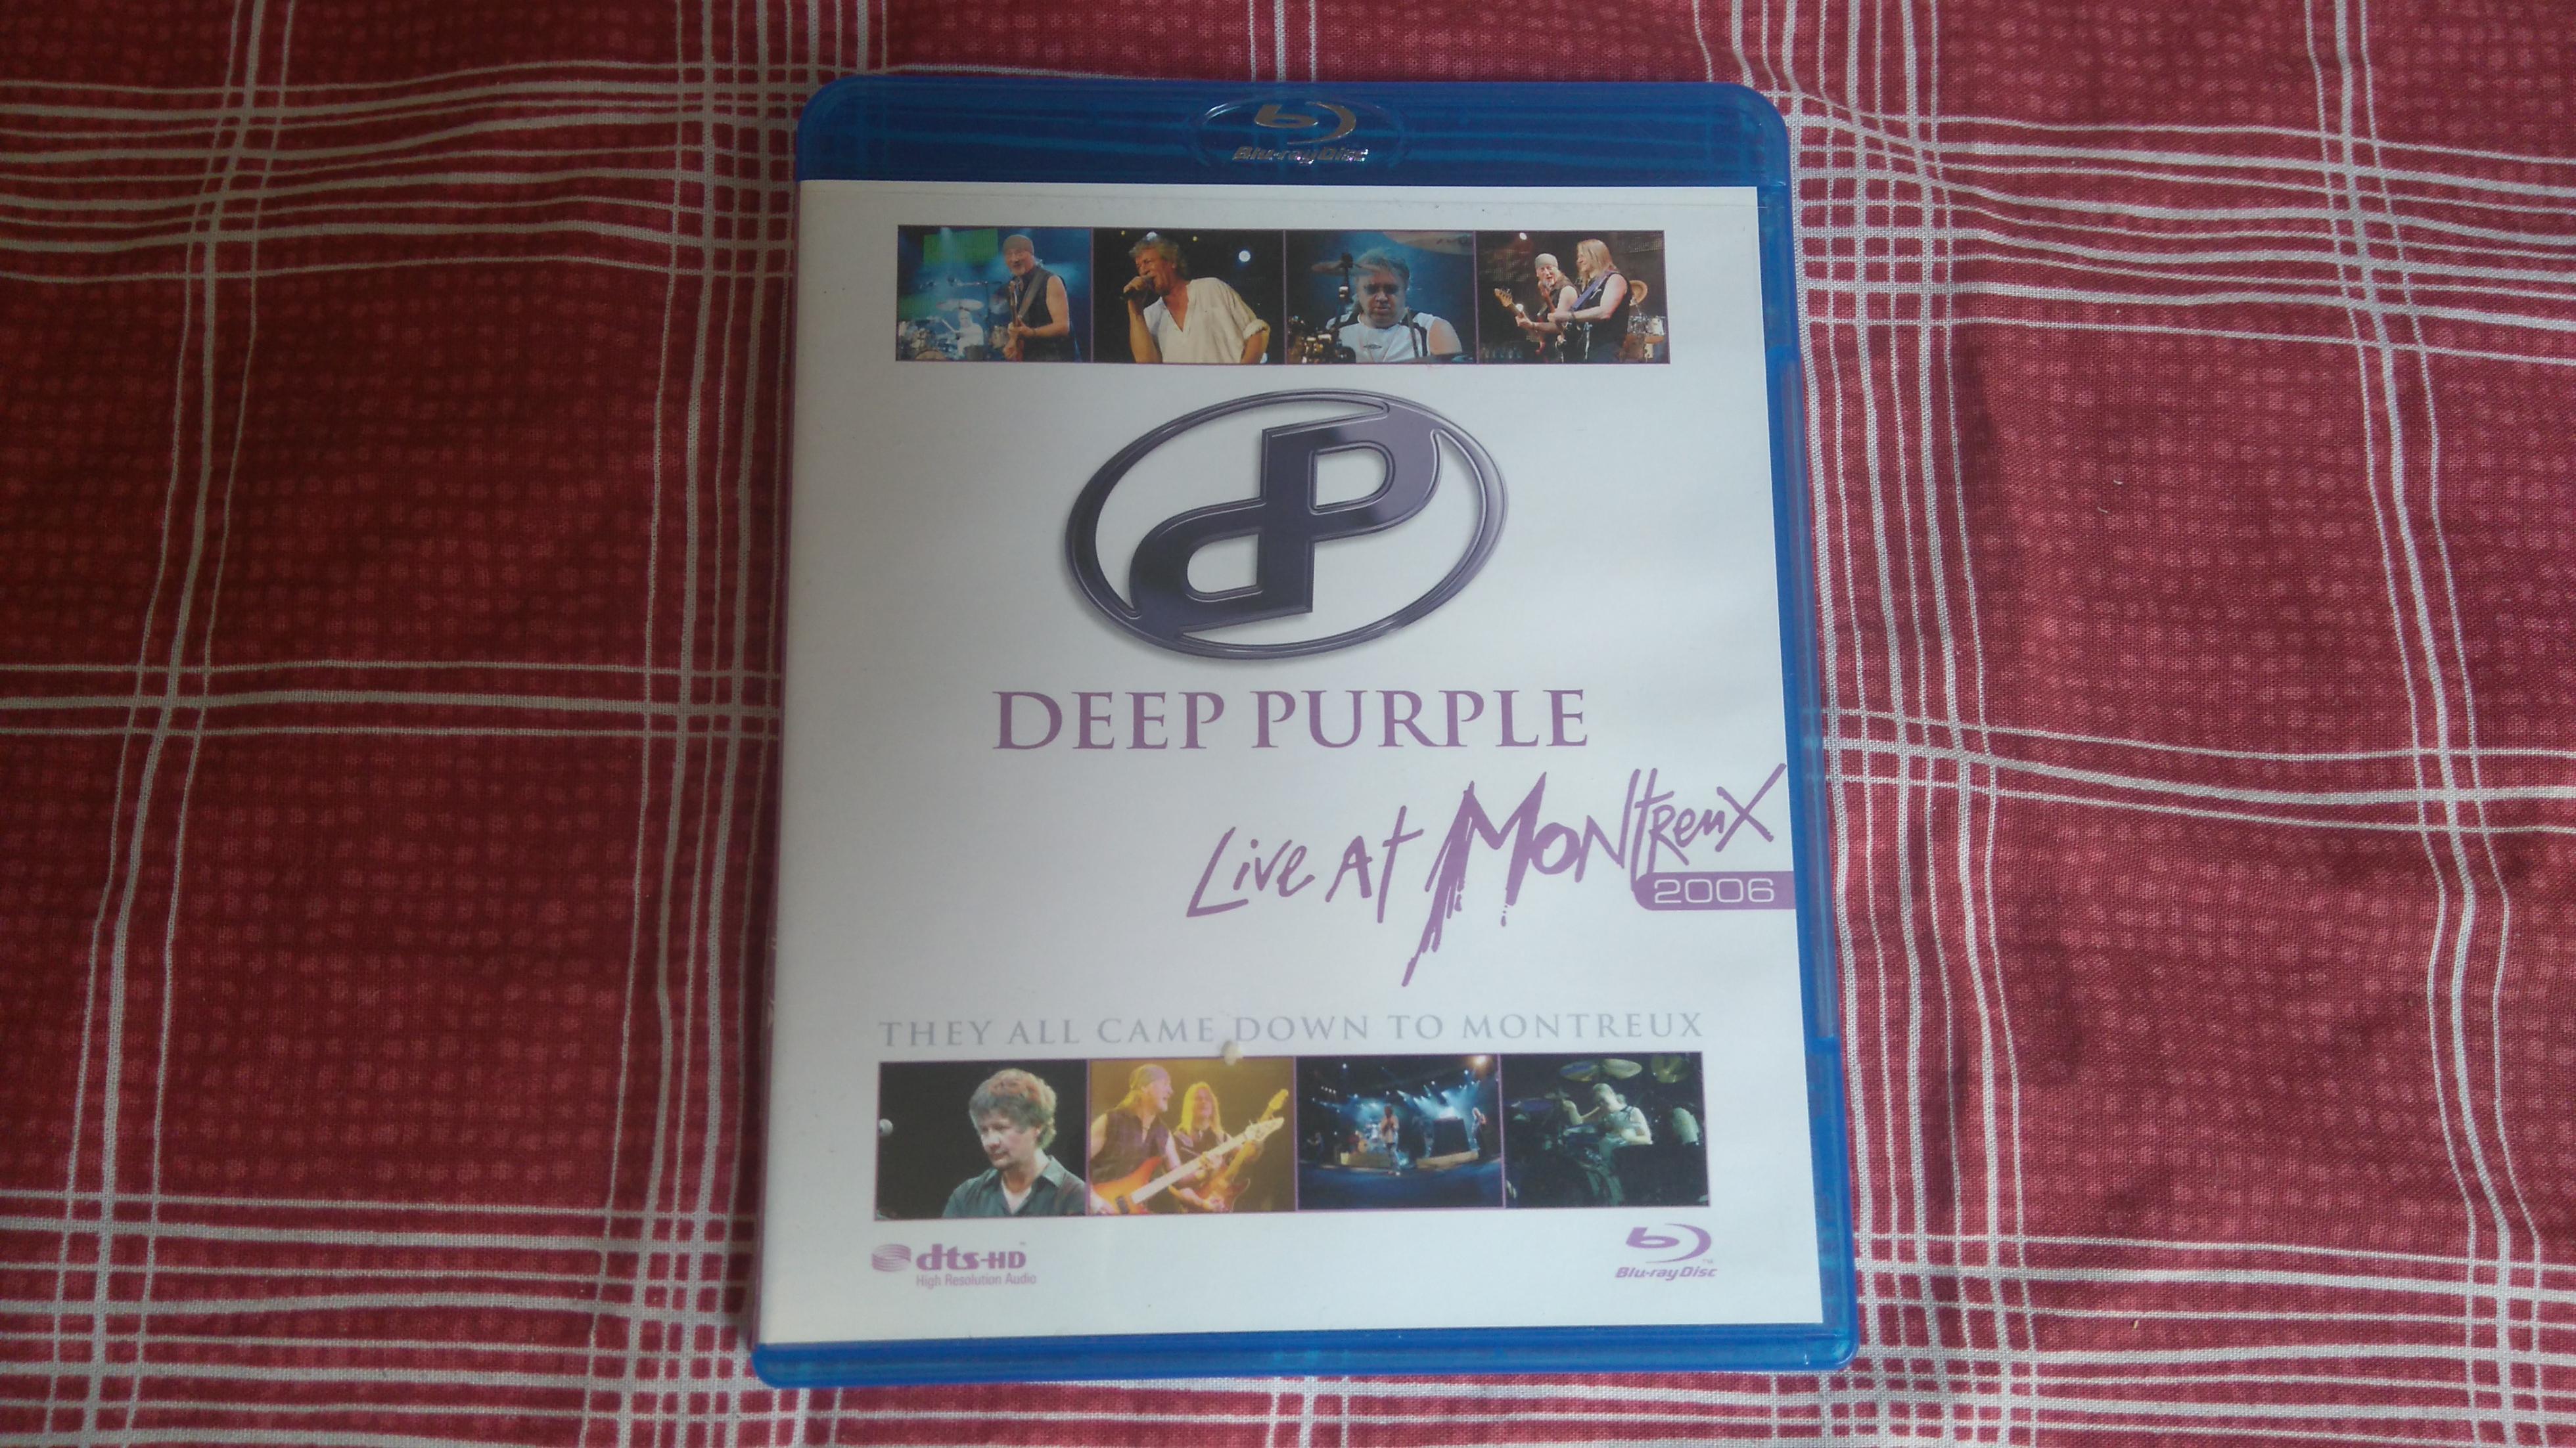 Deep Purple Blu.JPG